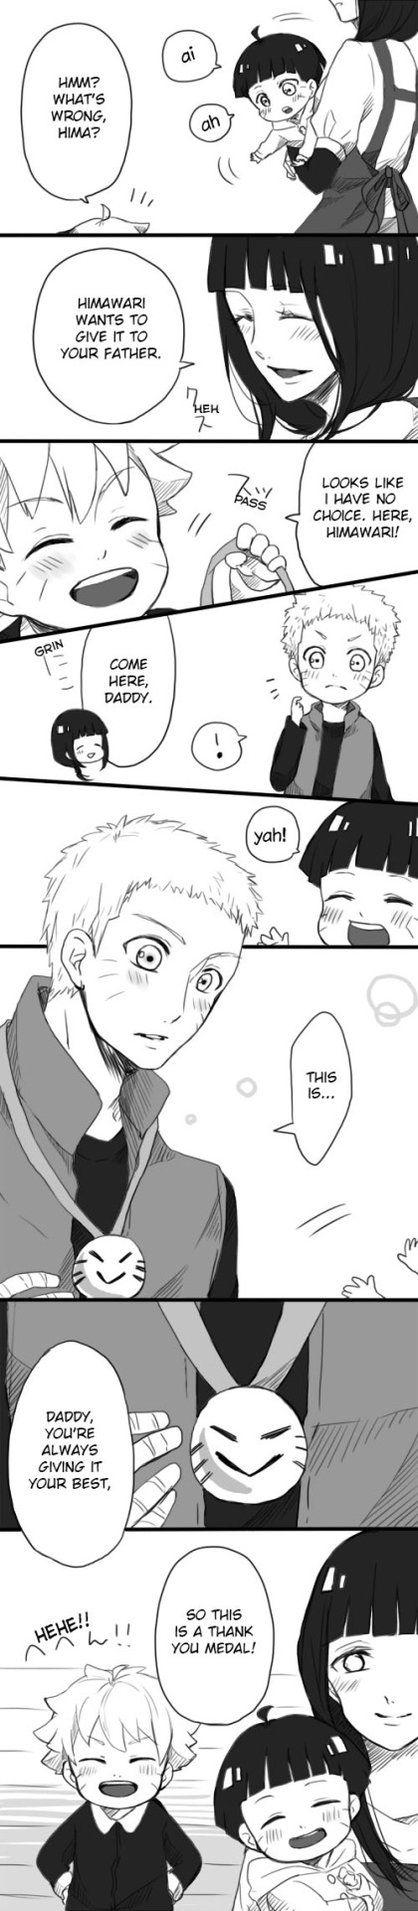 Naruhina: Family Pg4 Source:かきたまじる Translation by /a/non. Naruto © Masashi Kishimoto